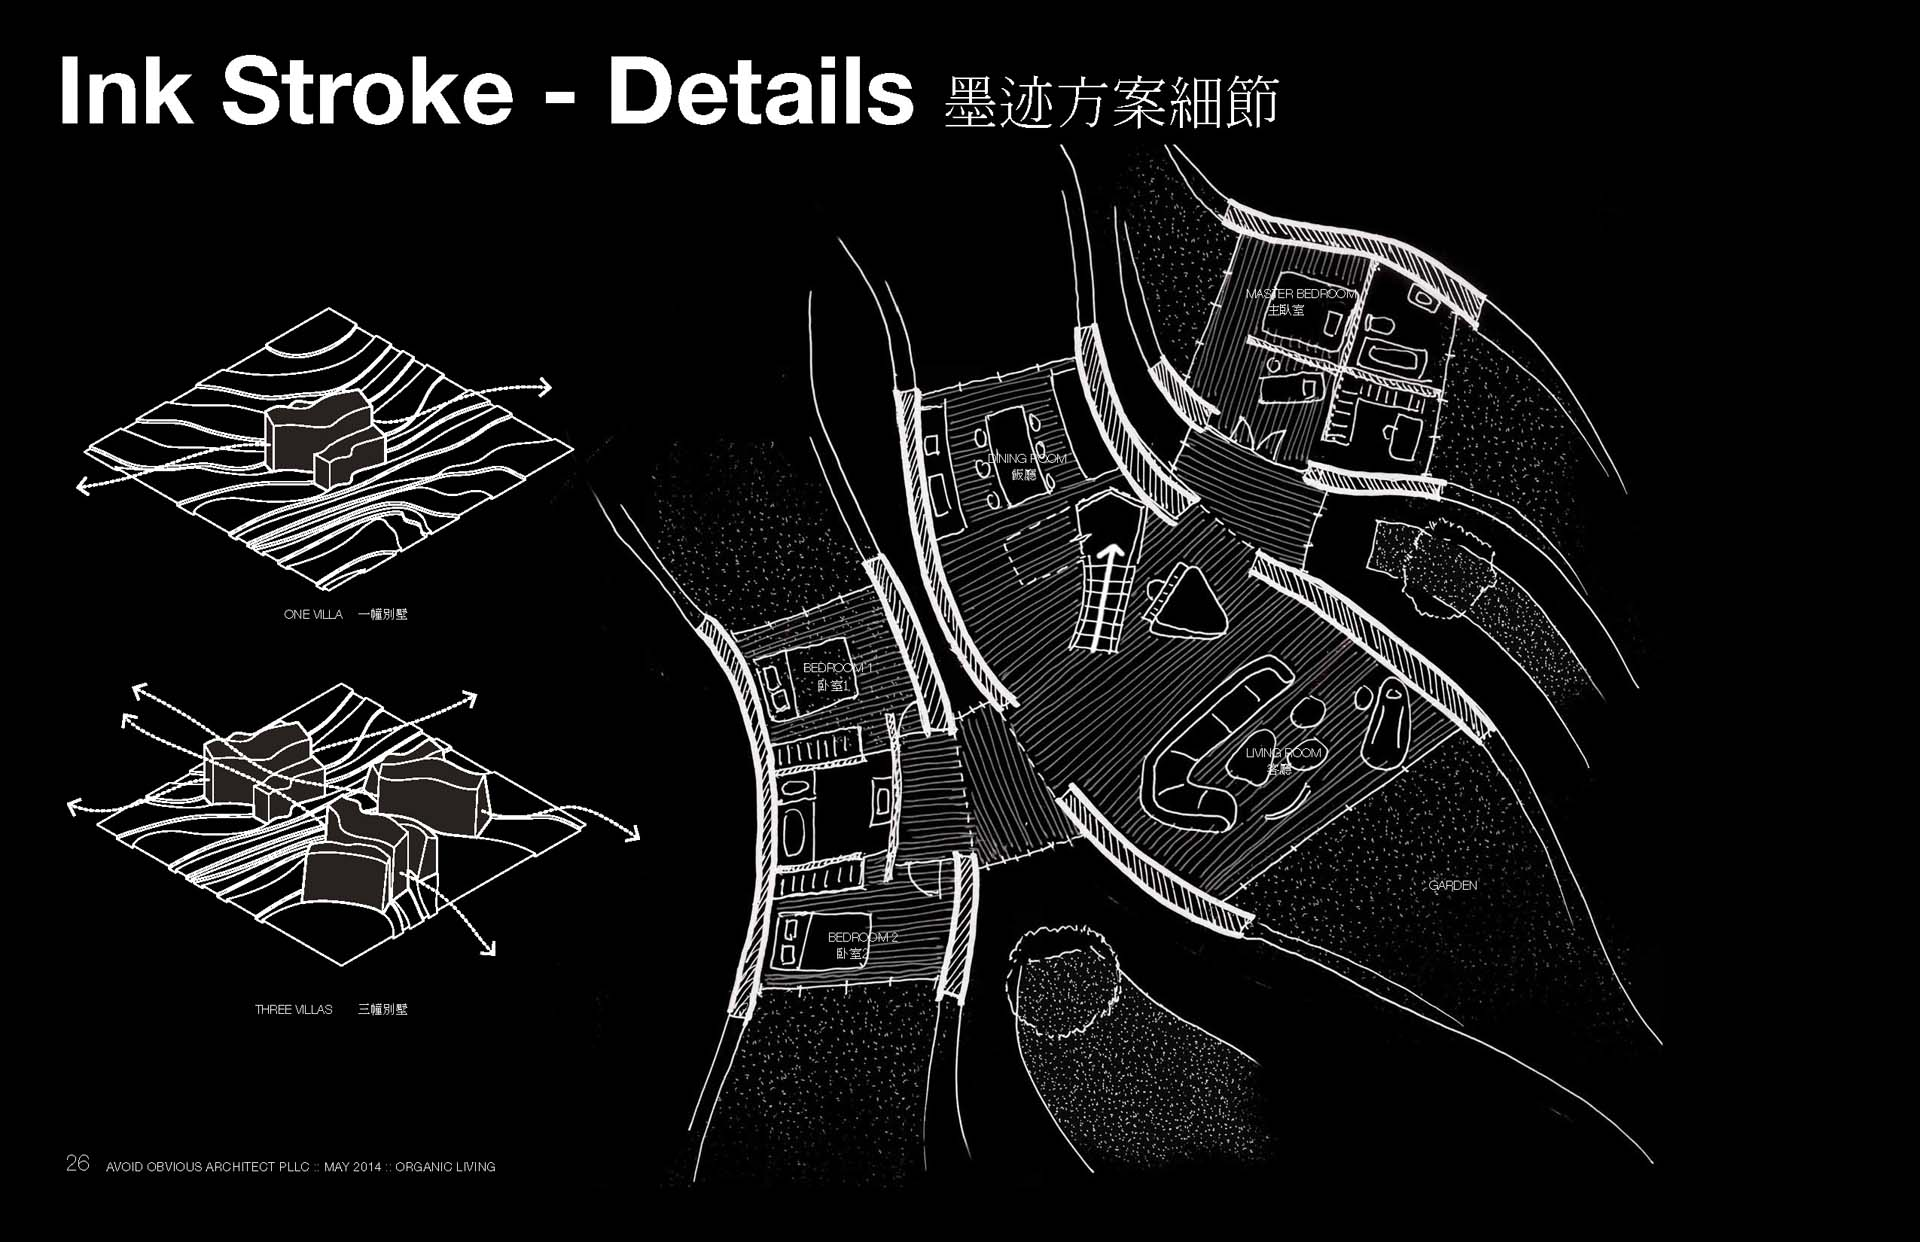 Ink Stroke Villa Avoid Obvious Architects